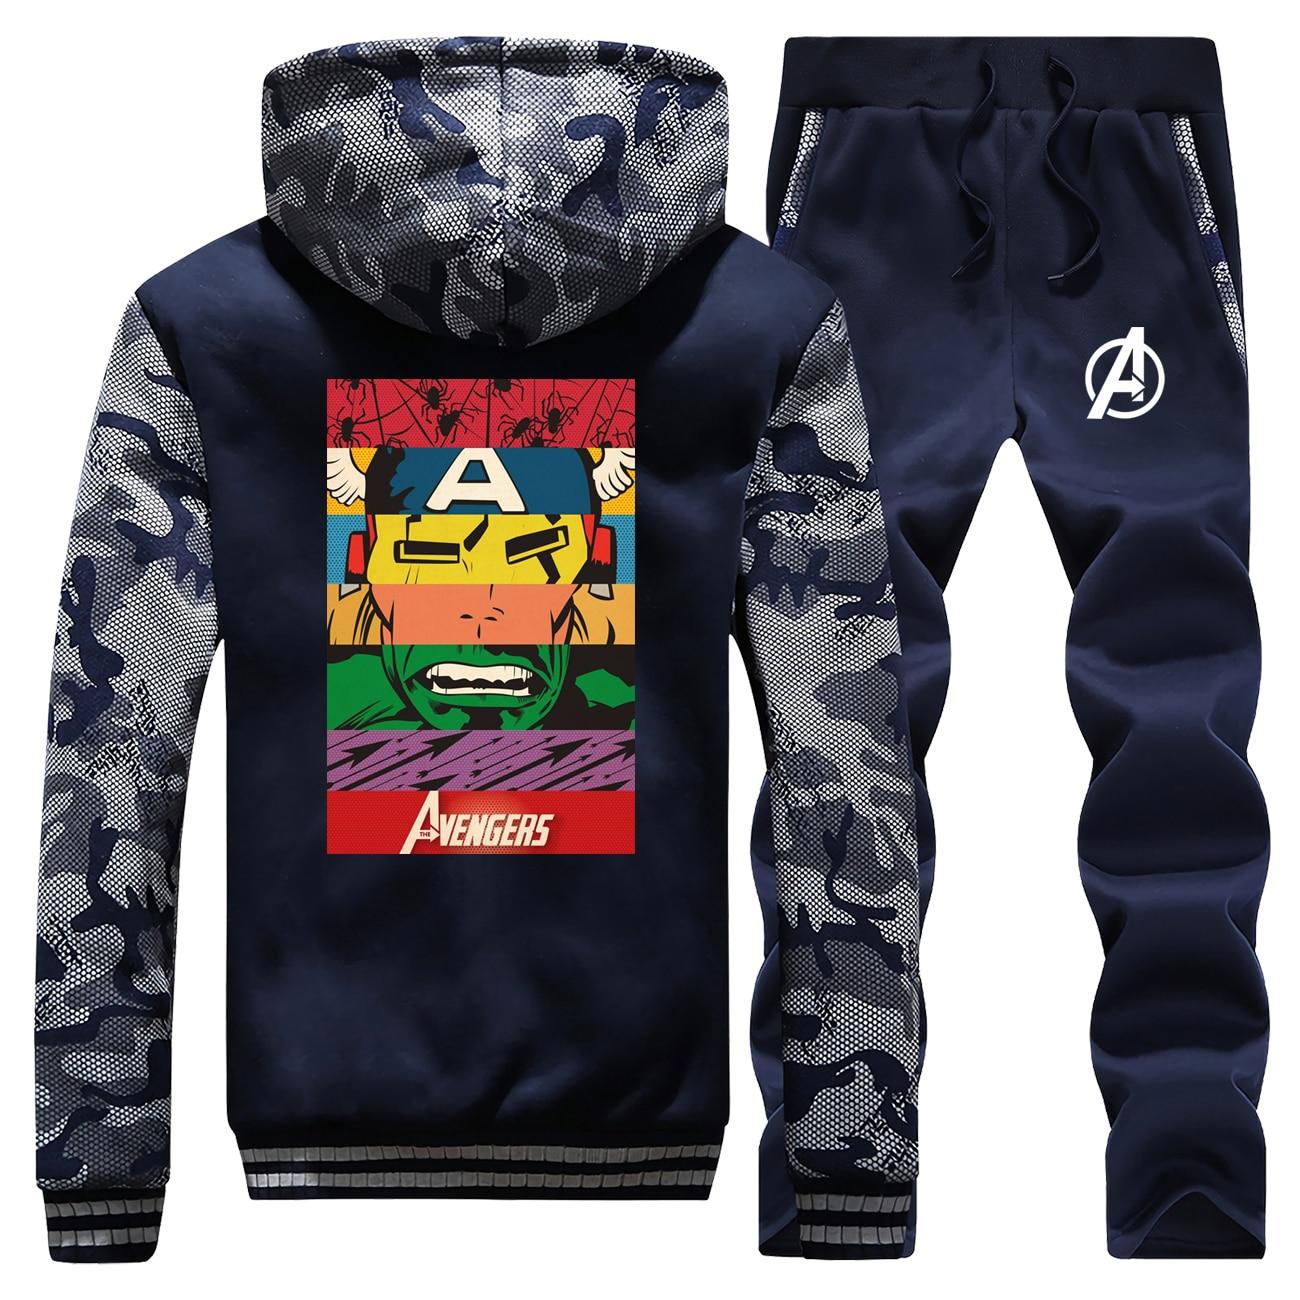 The Avengers Tracksuits Jacket Pant Superhero Set Men Sportsuits Sweatshirts Hoodies Sweatpant Sets Suit 2 PCS Camo Sportswear